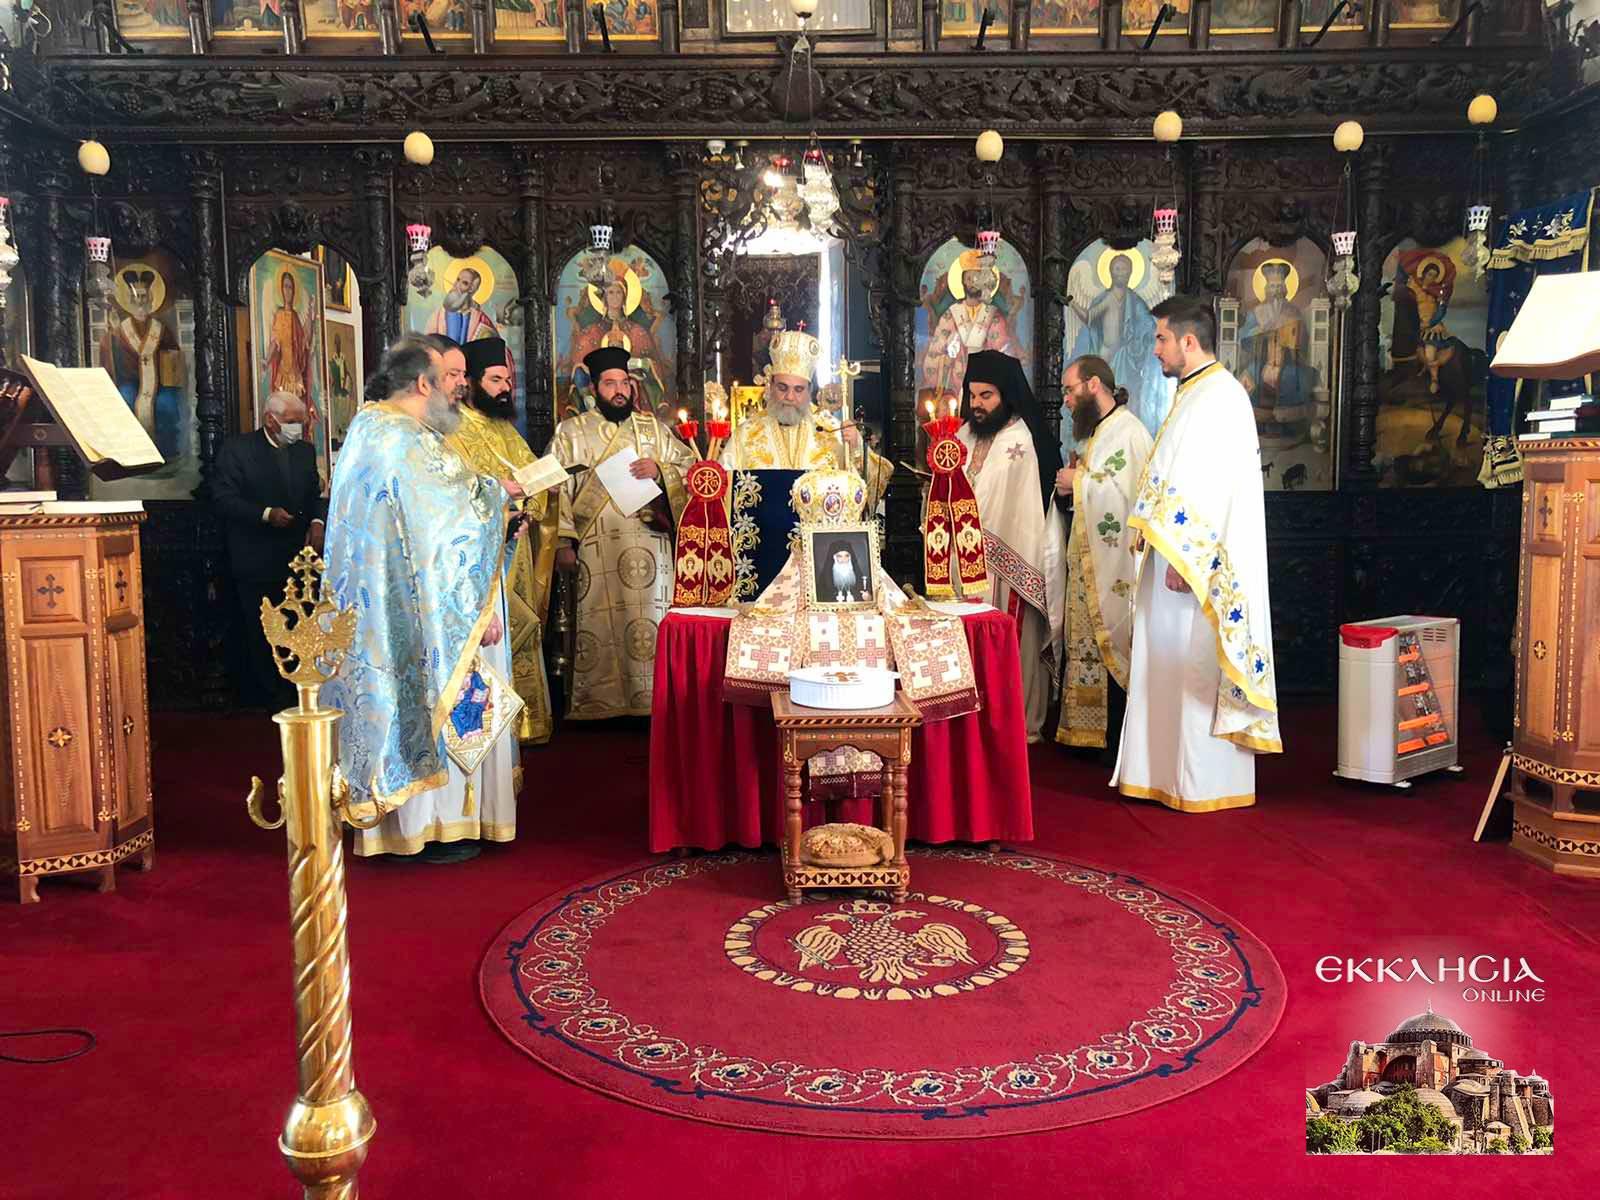 2ο ετήσιο Ιερό Μνημόσυνο Μητροπολίτου Σιατίστης Παύλου